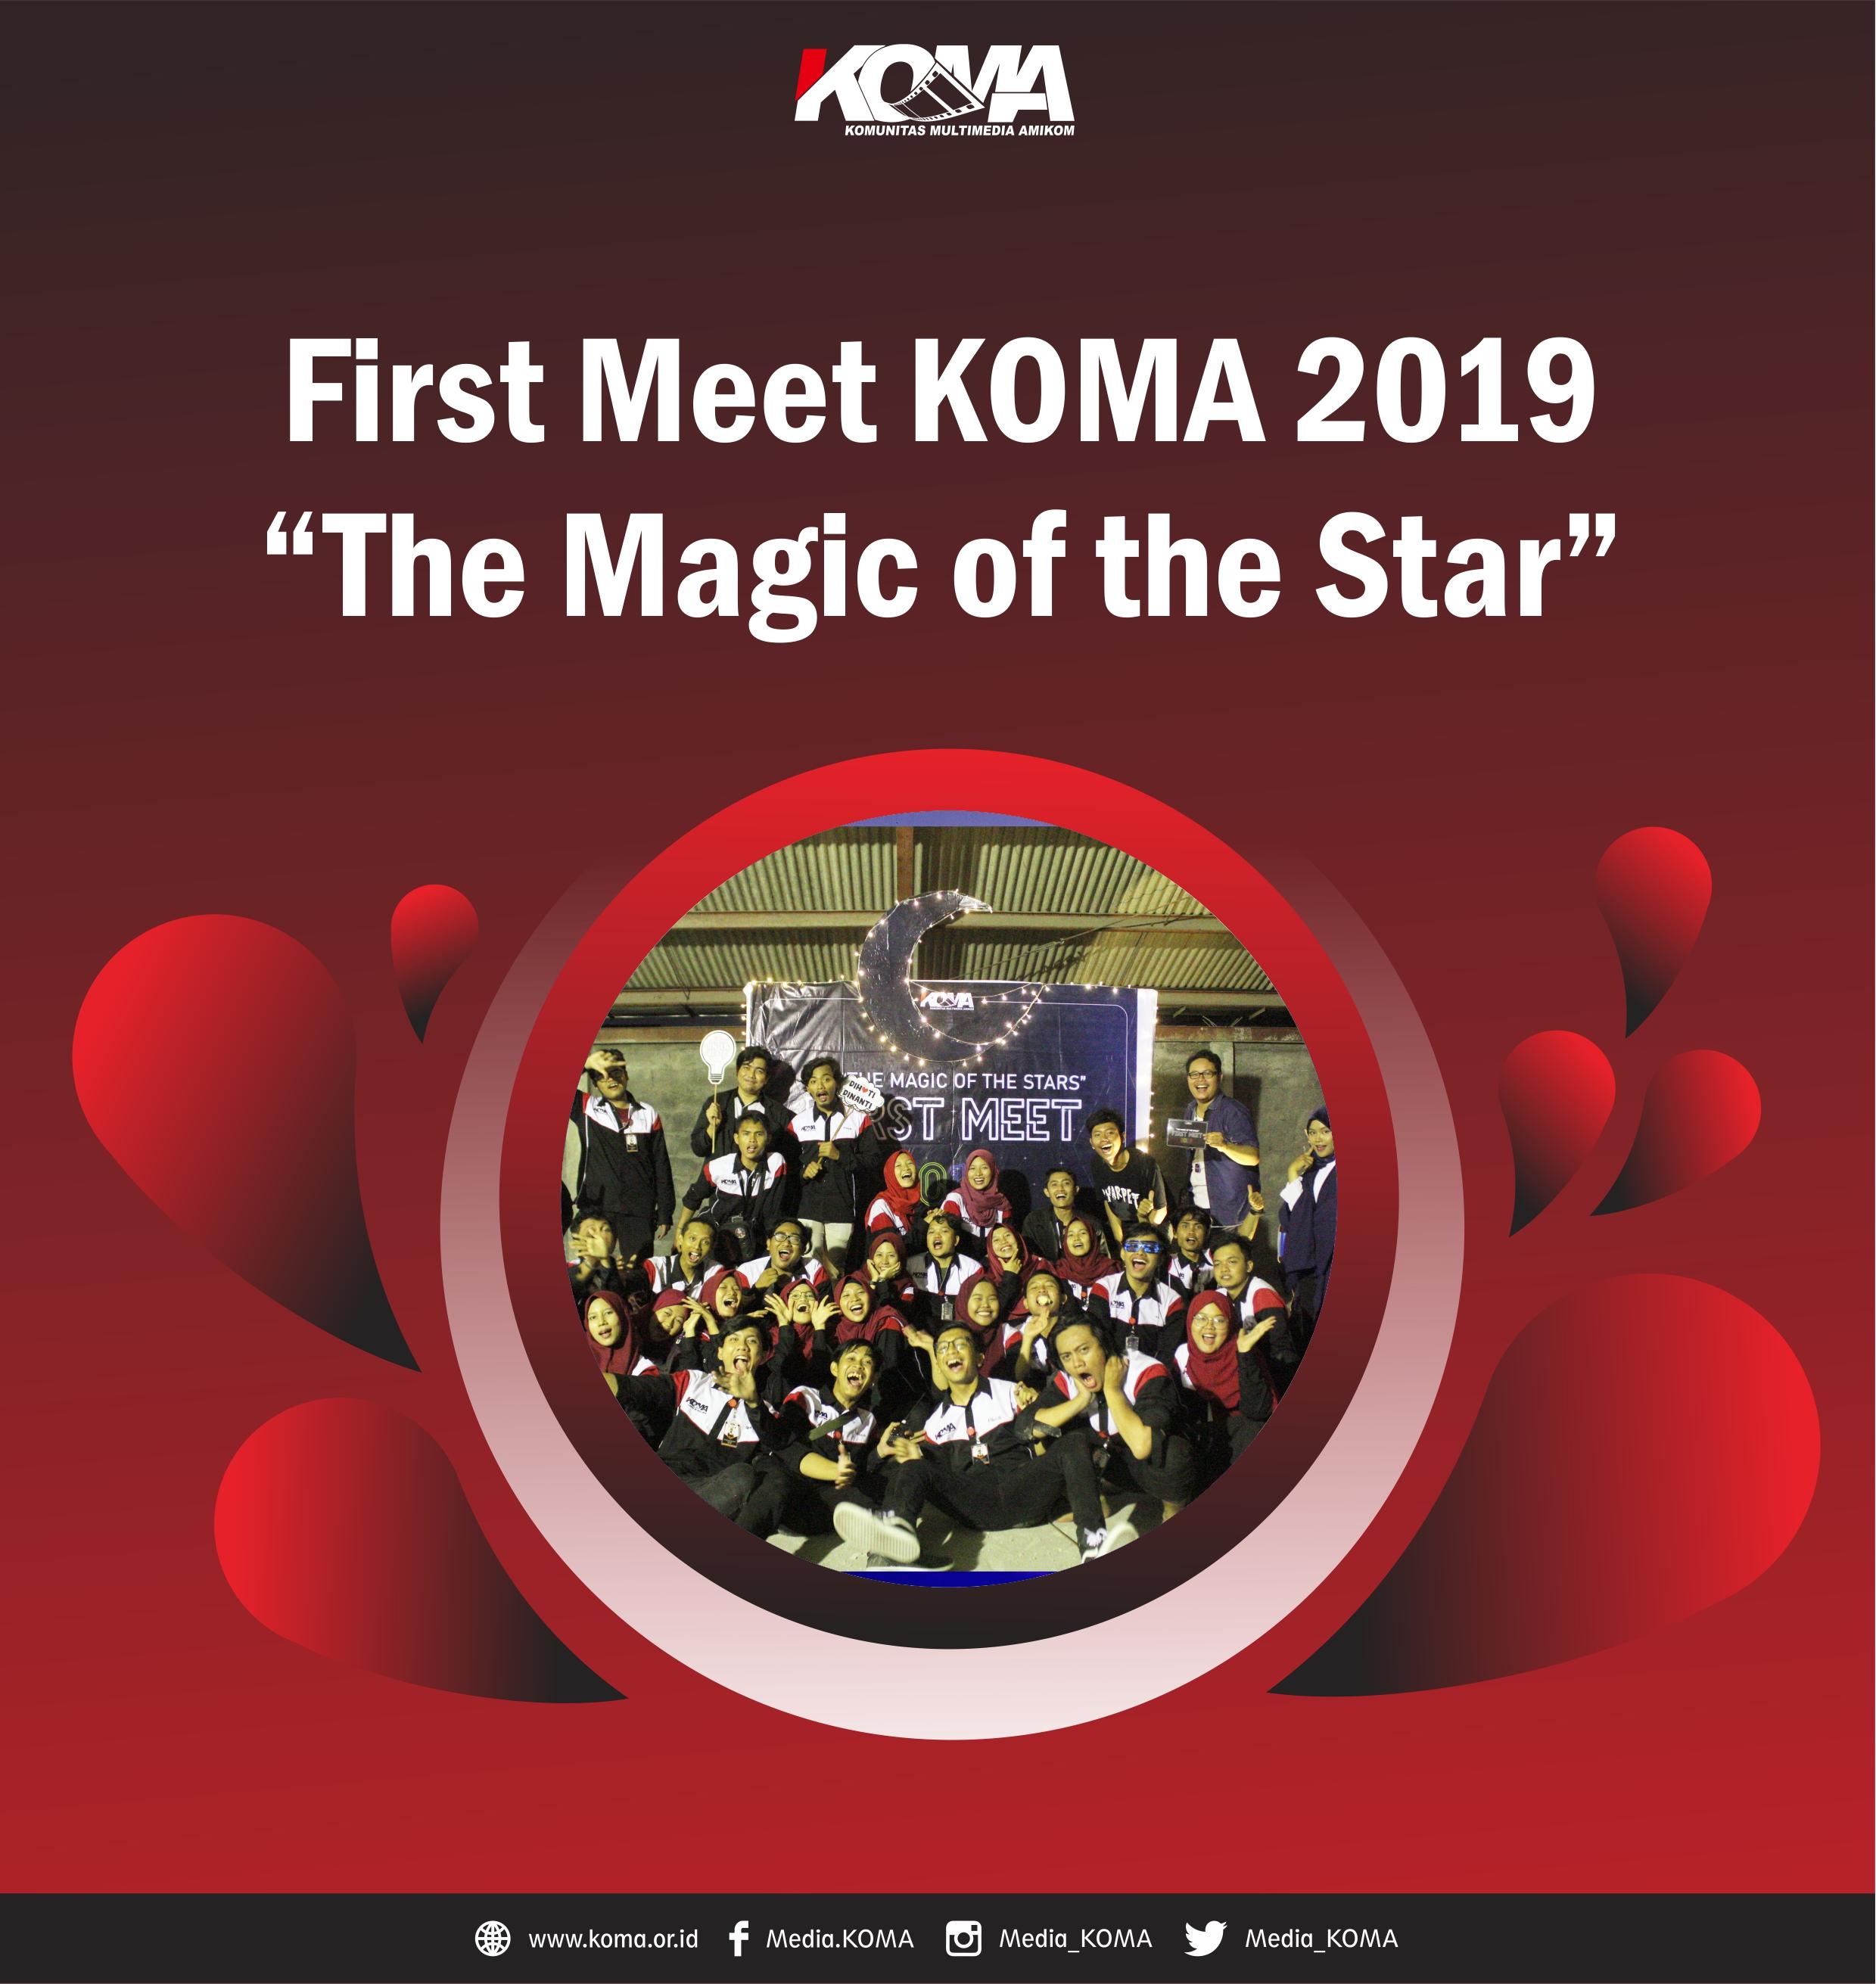 First-meet-KOMA-2019